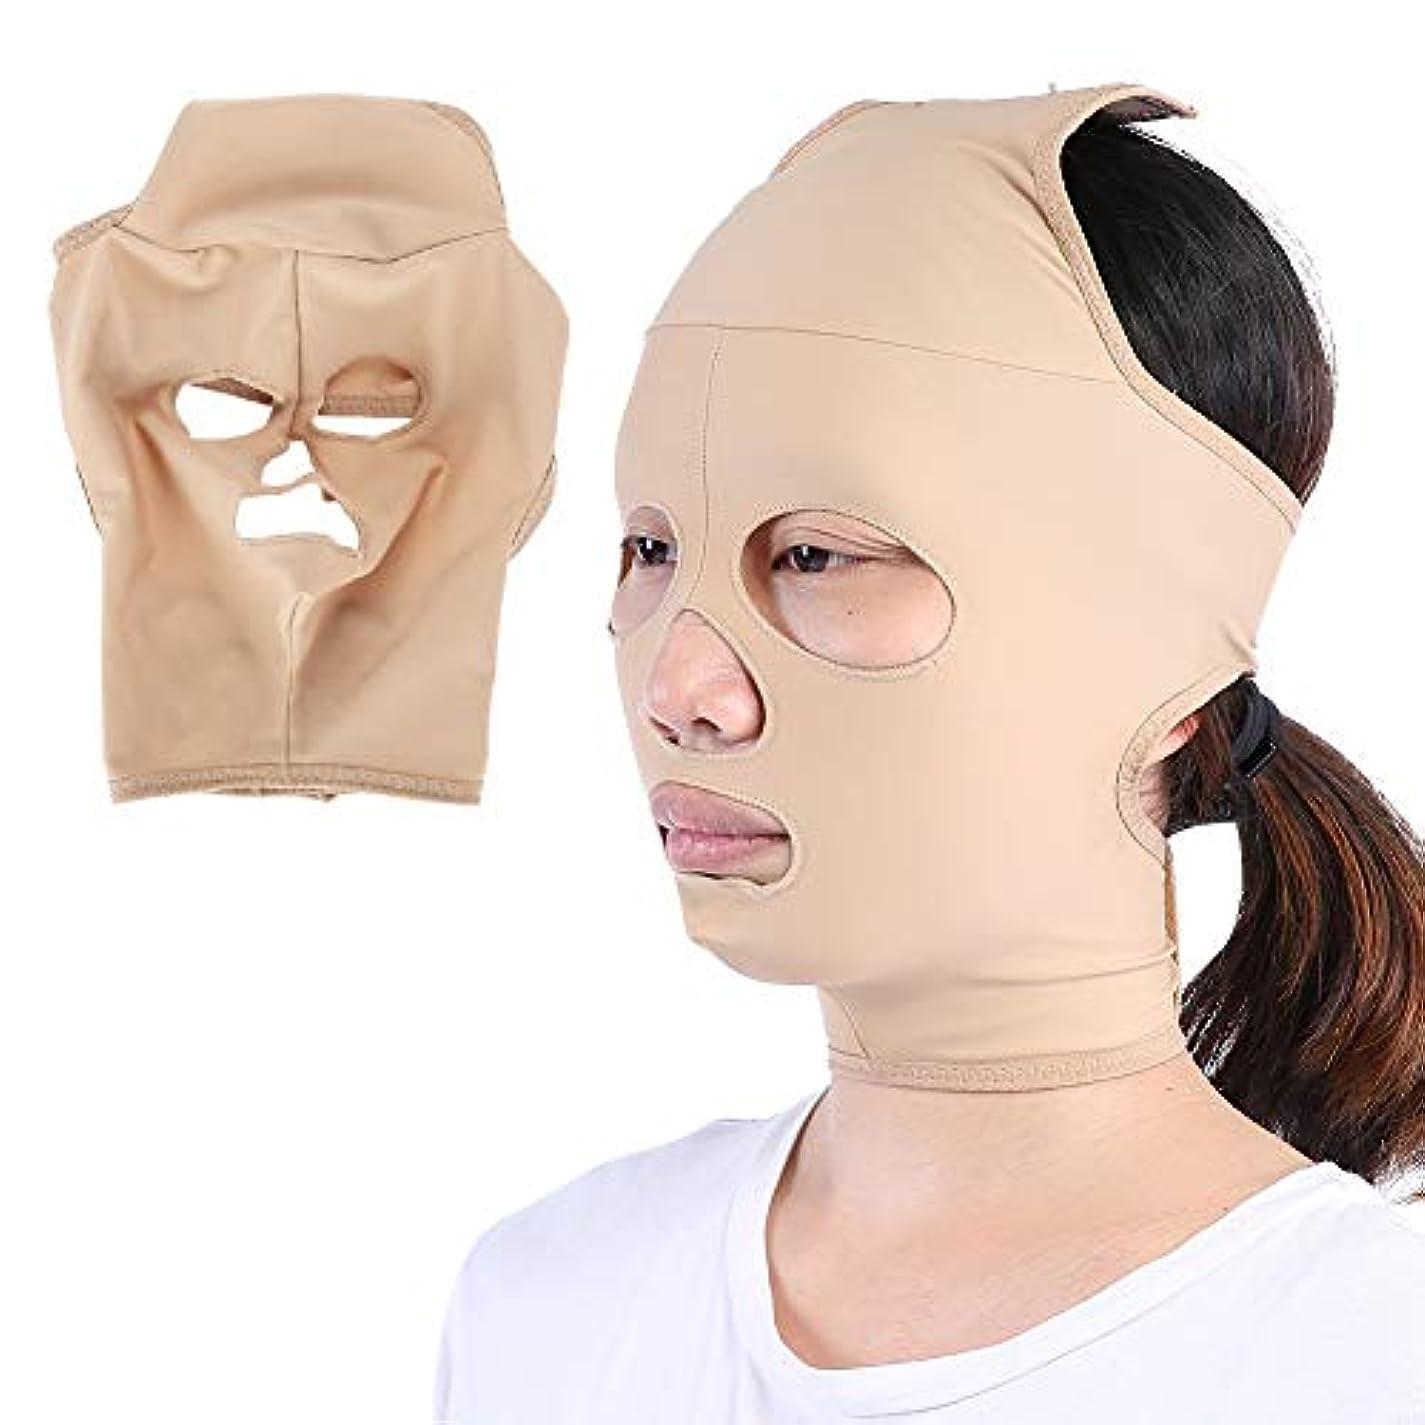 窓させる断言する顔の减量のベルト、完全なカバレッジ 顔のVラインを向上させる 二重顎を減らす二重顎、スキンケア包帯(S)